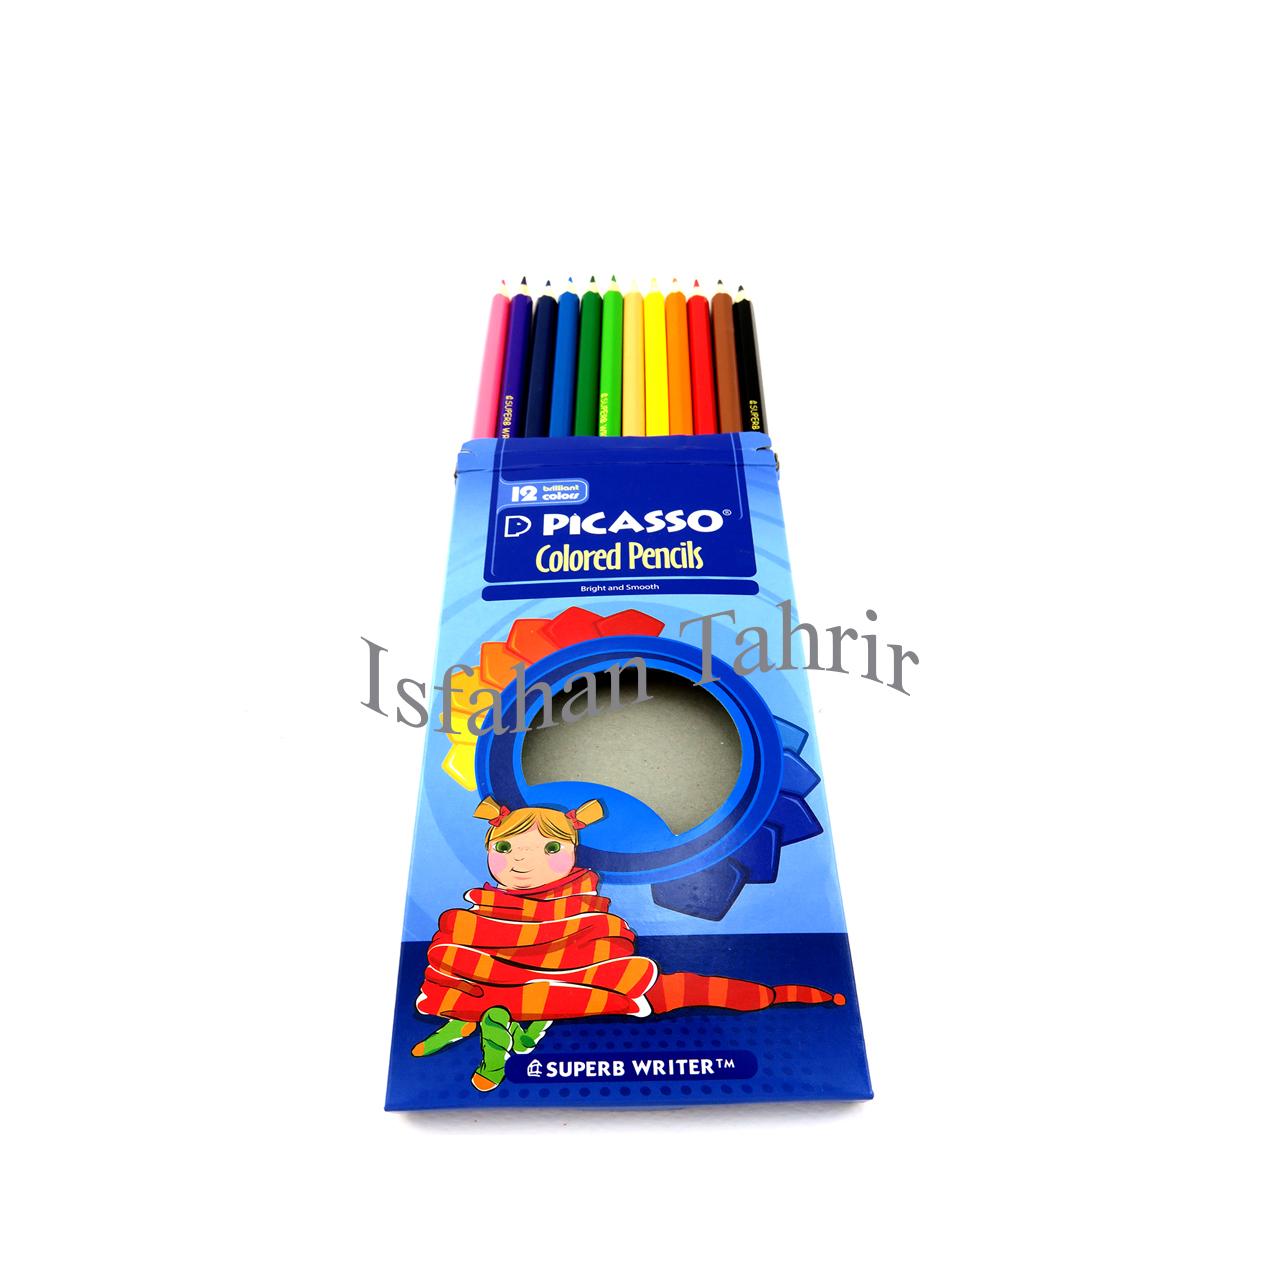 مداد رنگی ۱۲ رنگ پیکاسو فلزی (PICASSO)